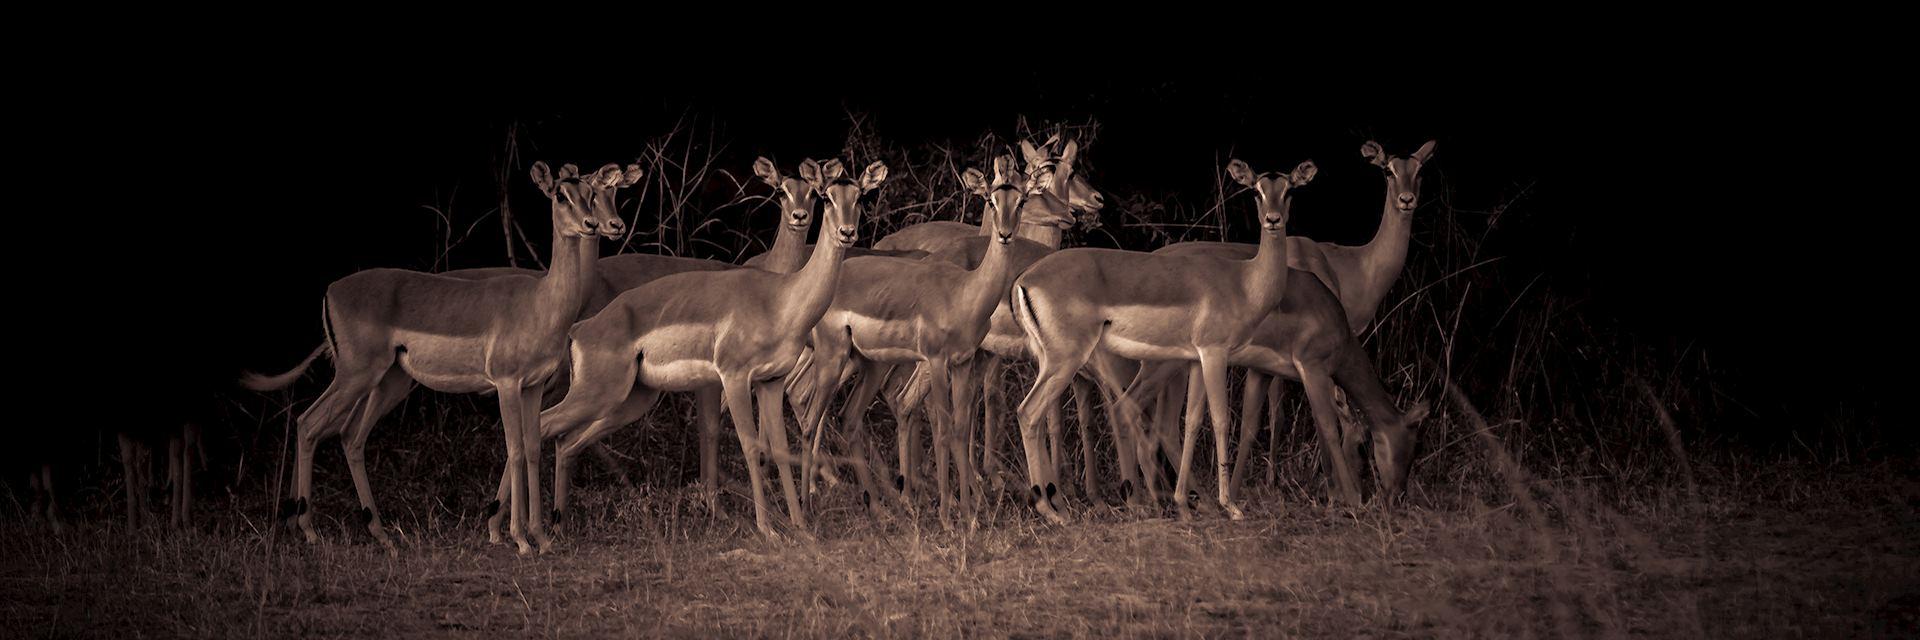 Impala, Zambia